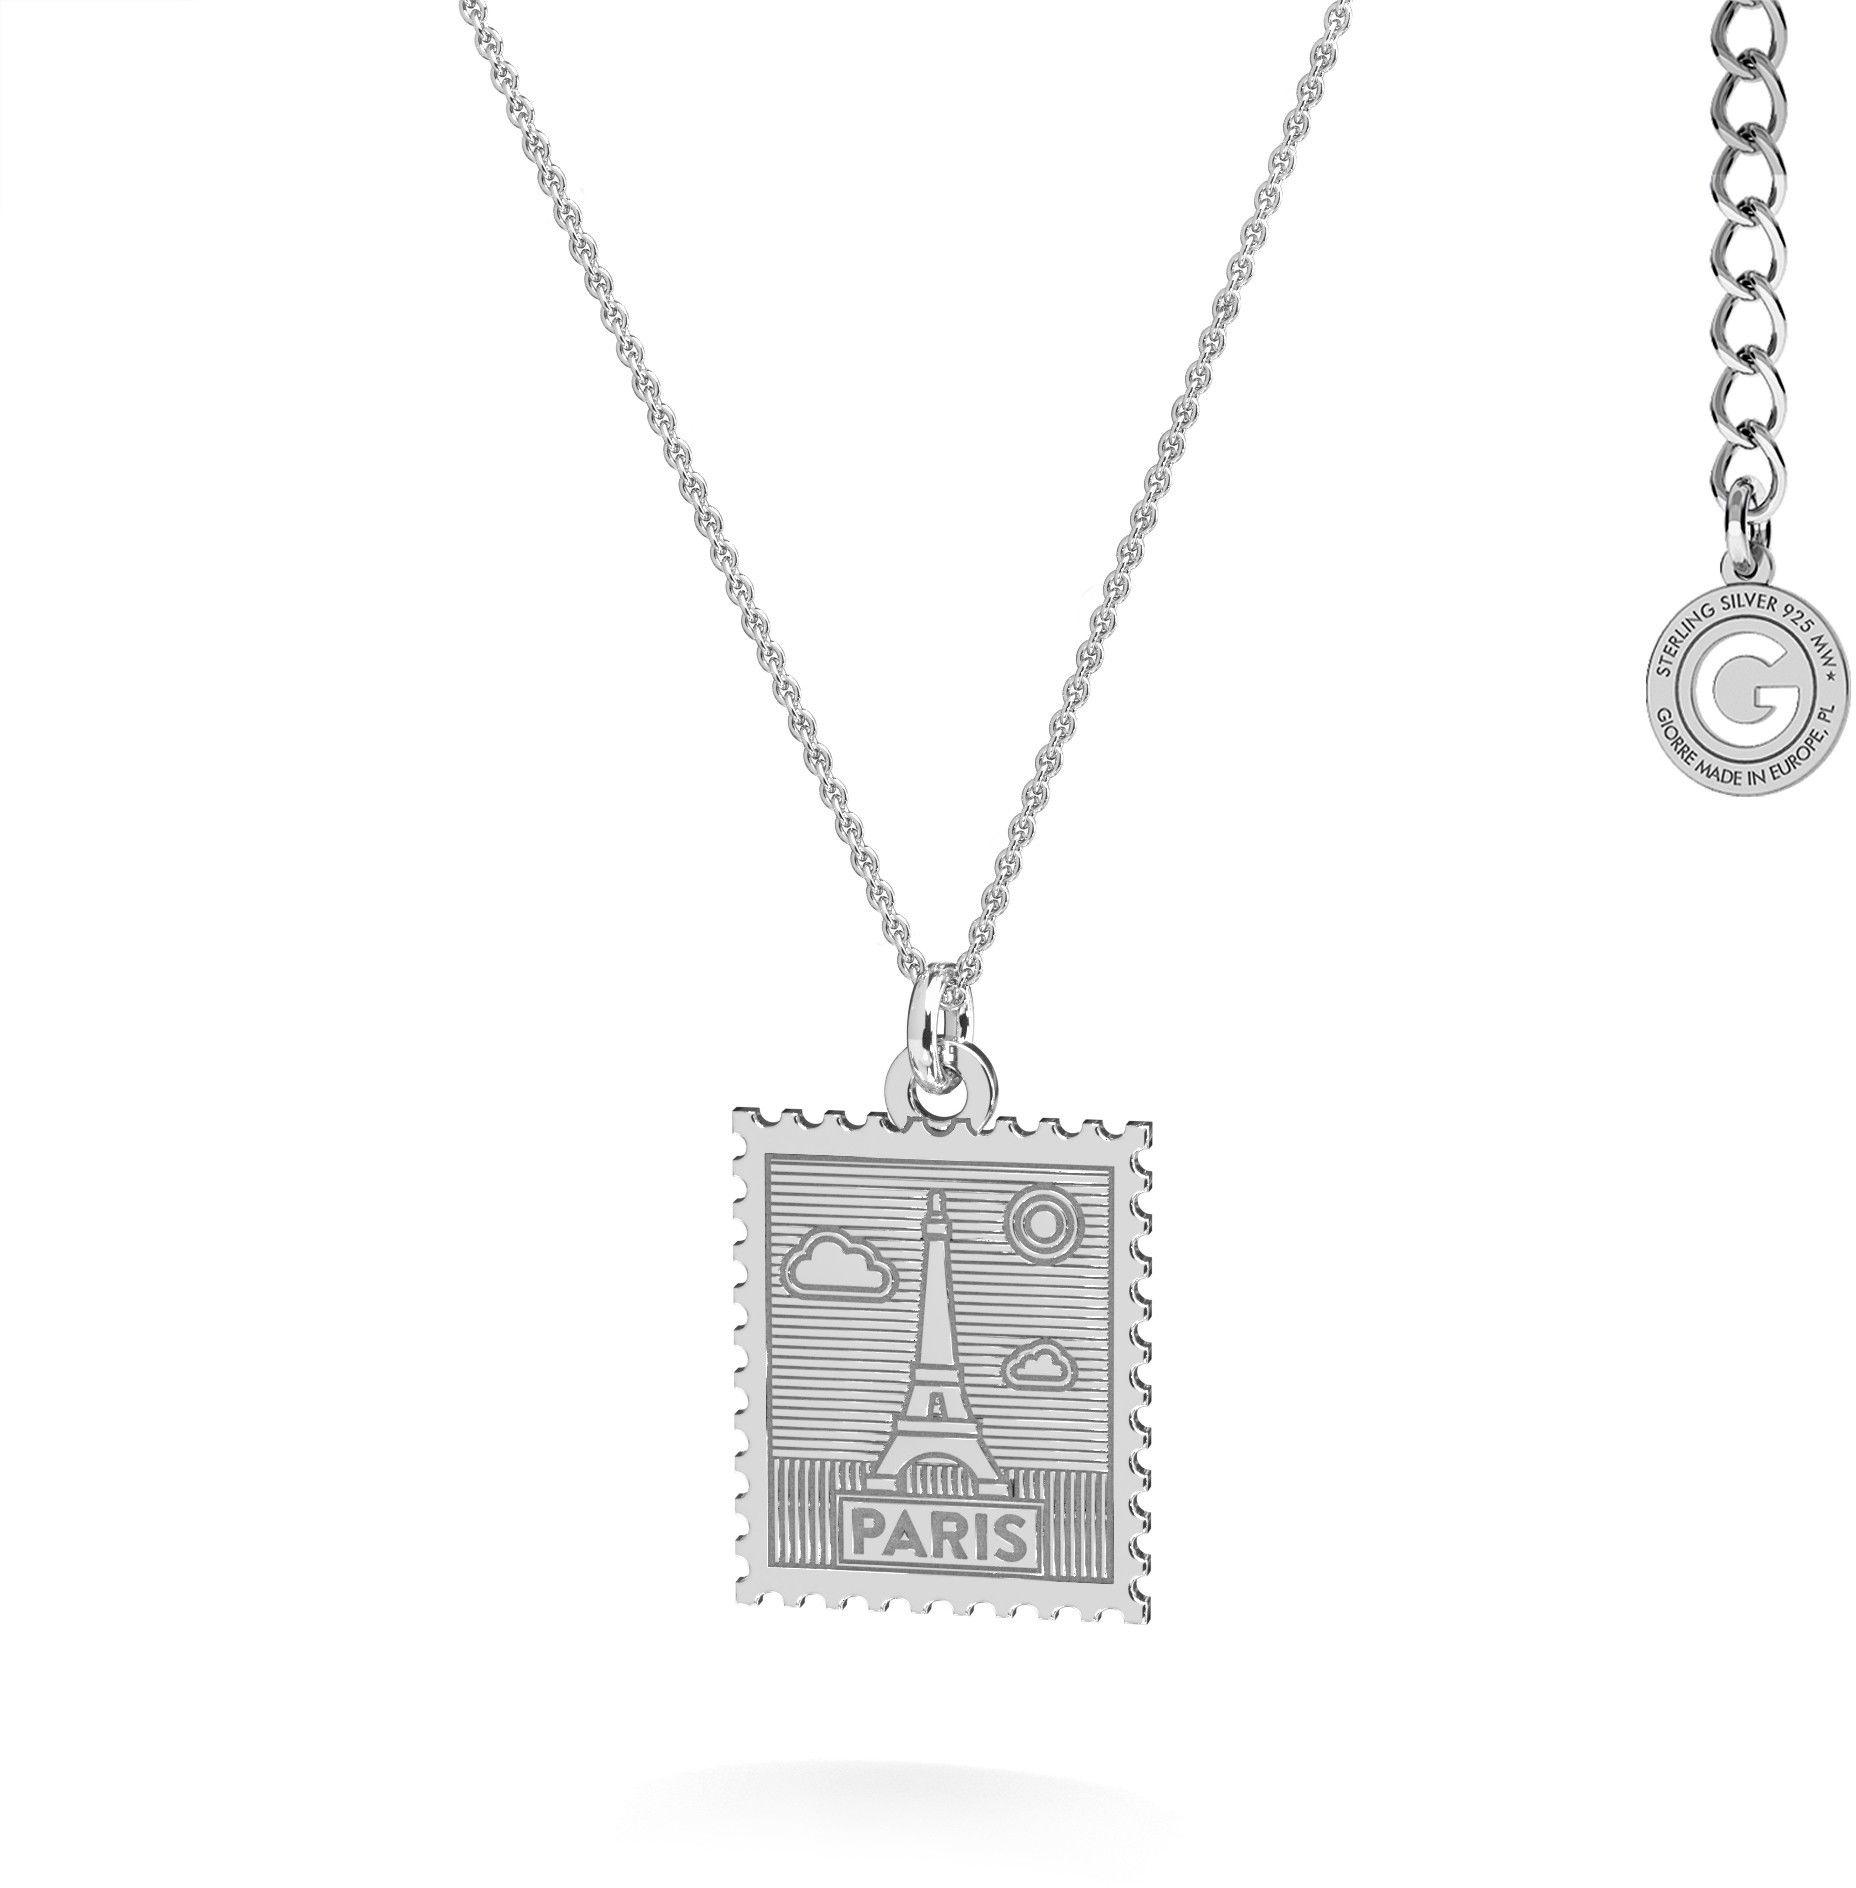 Srebrny naszyjnik znaczek pocztowy z Paryża, srebro 925 : Srebro - kolor pokrycia - Pokrycie platyną